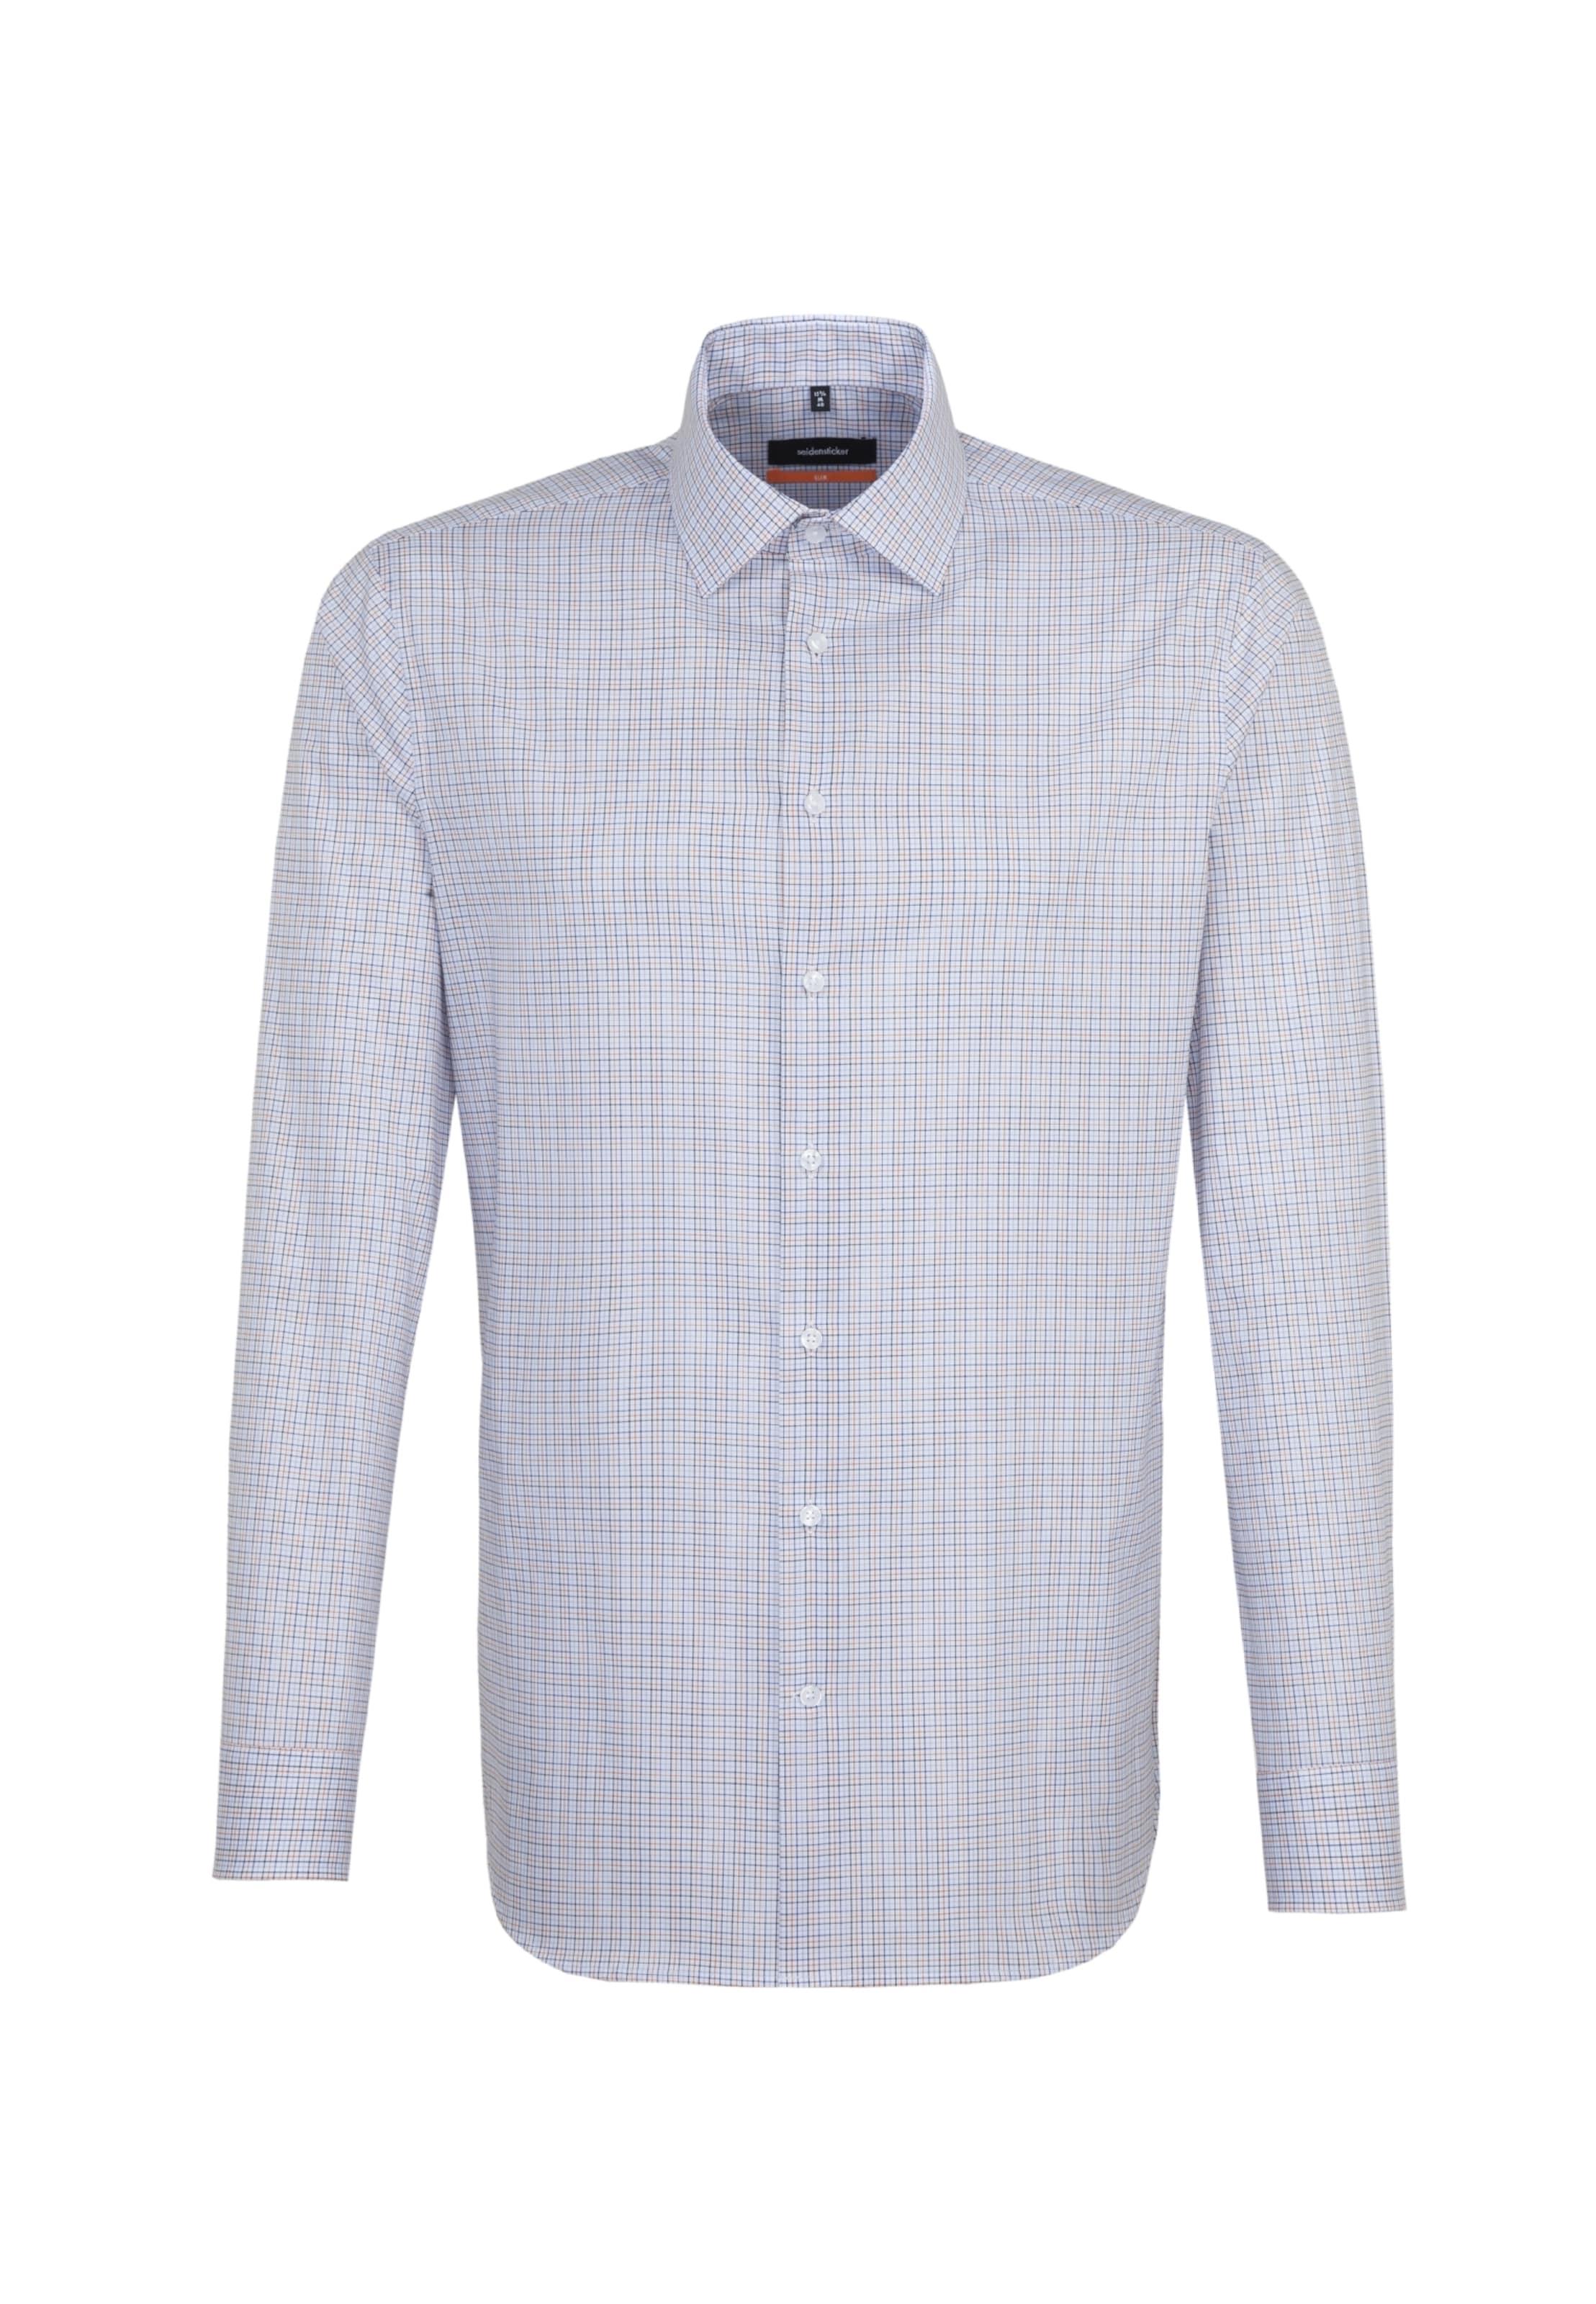 In Weiß In Seidensticker Seidensticker Seidensticker Weiß Hemd Hemd HellblauOrange HellblauOrange Y7yf6bg